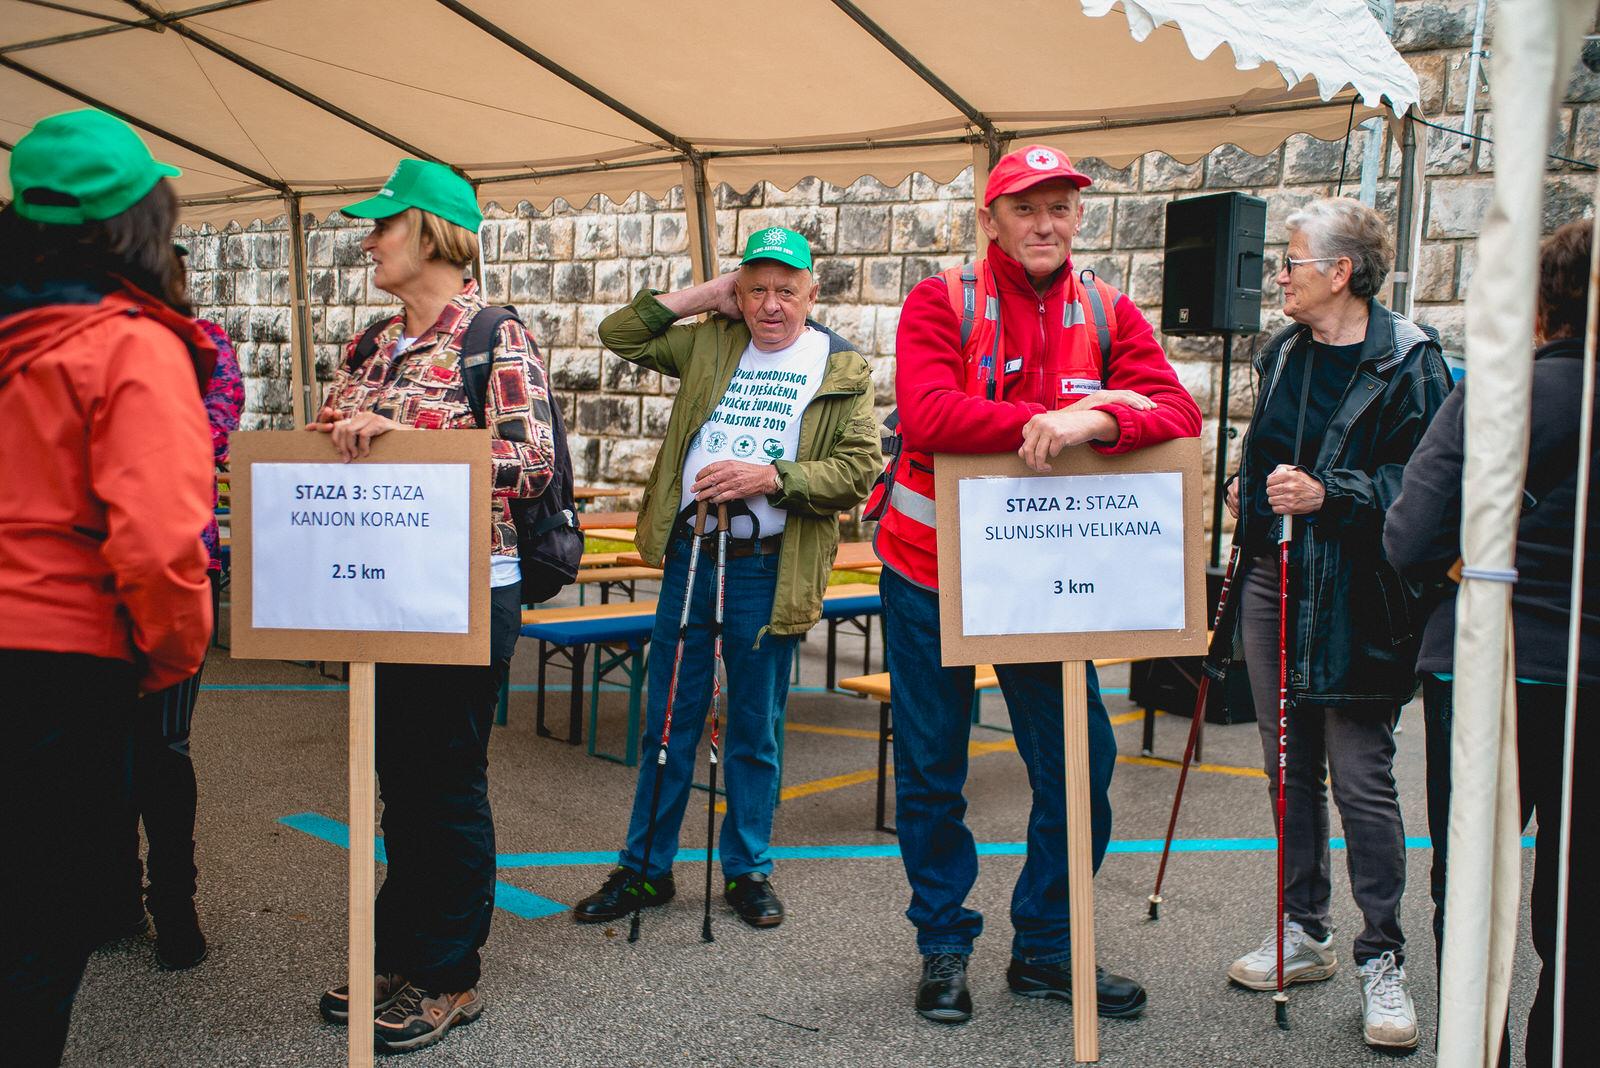 likaclub_slunj_rastoke_5-festival-nordijskog-hodanja_2019-7